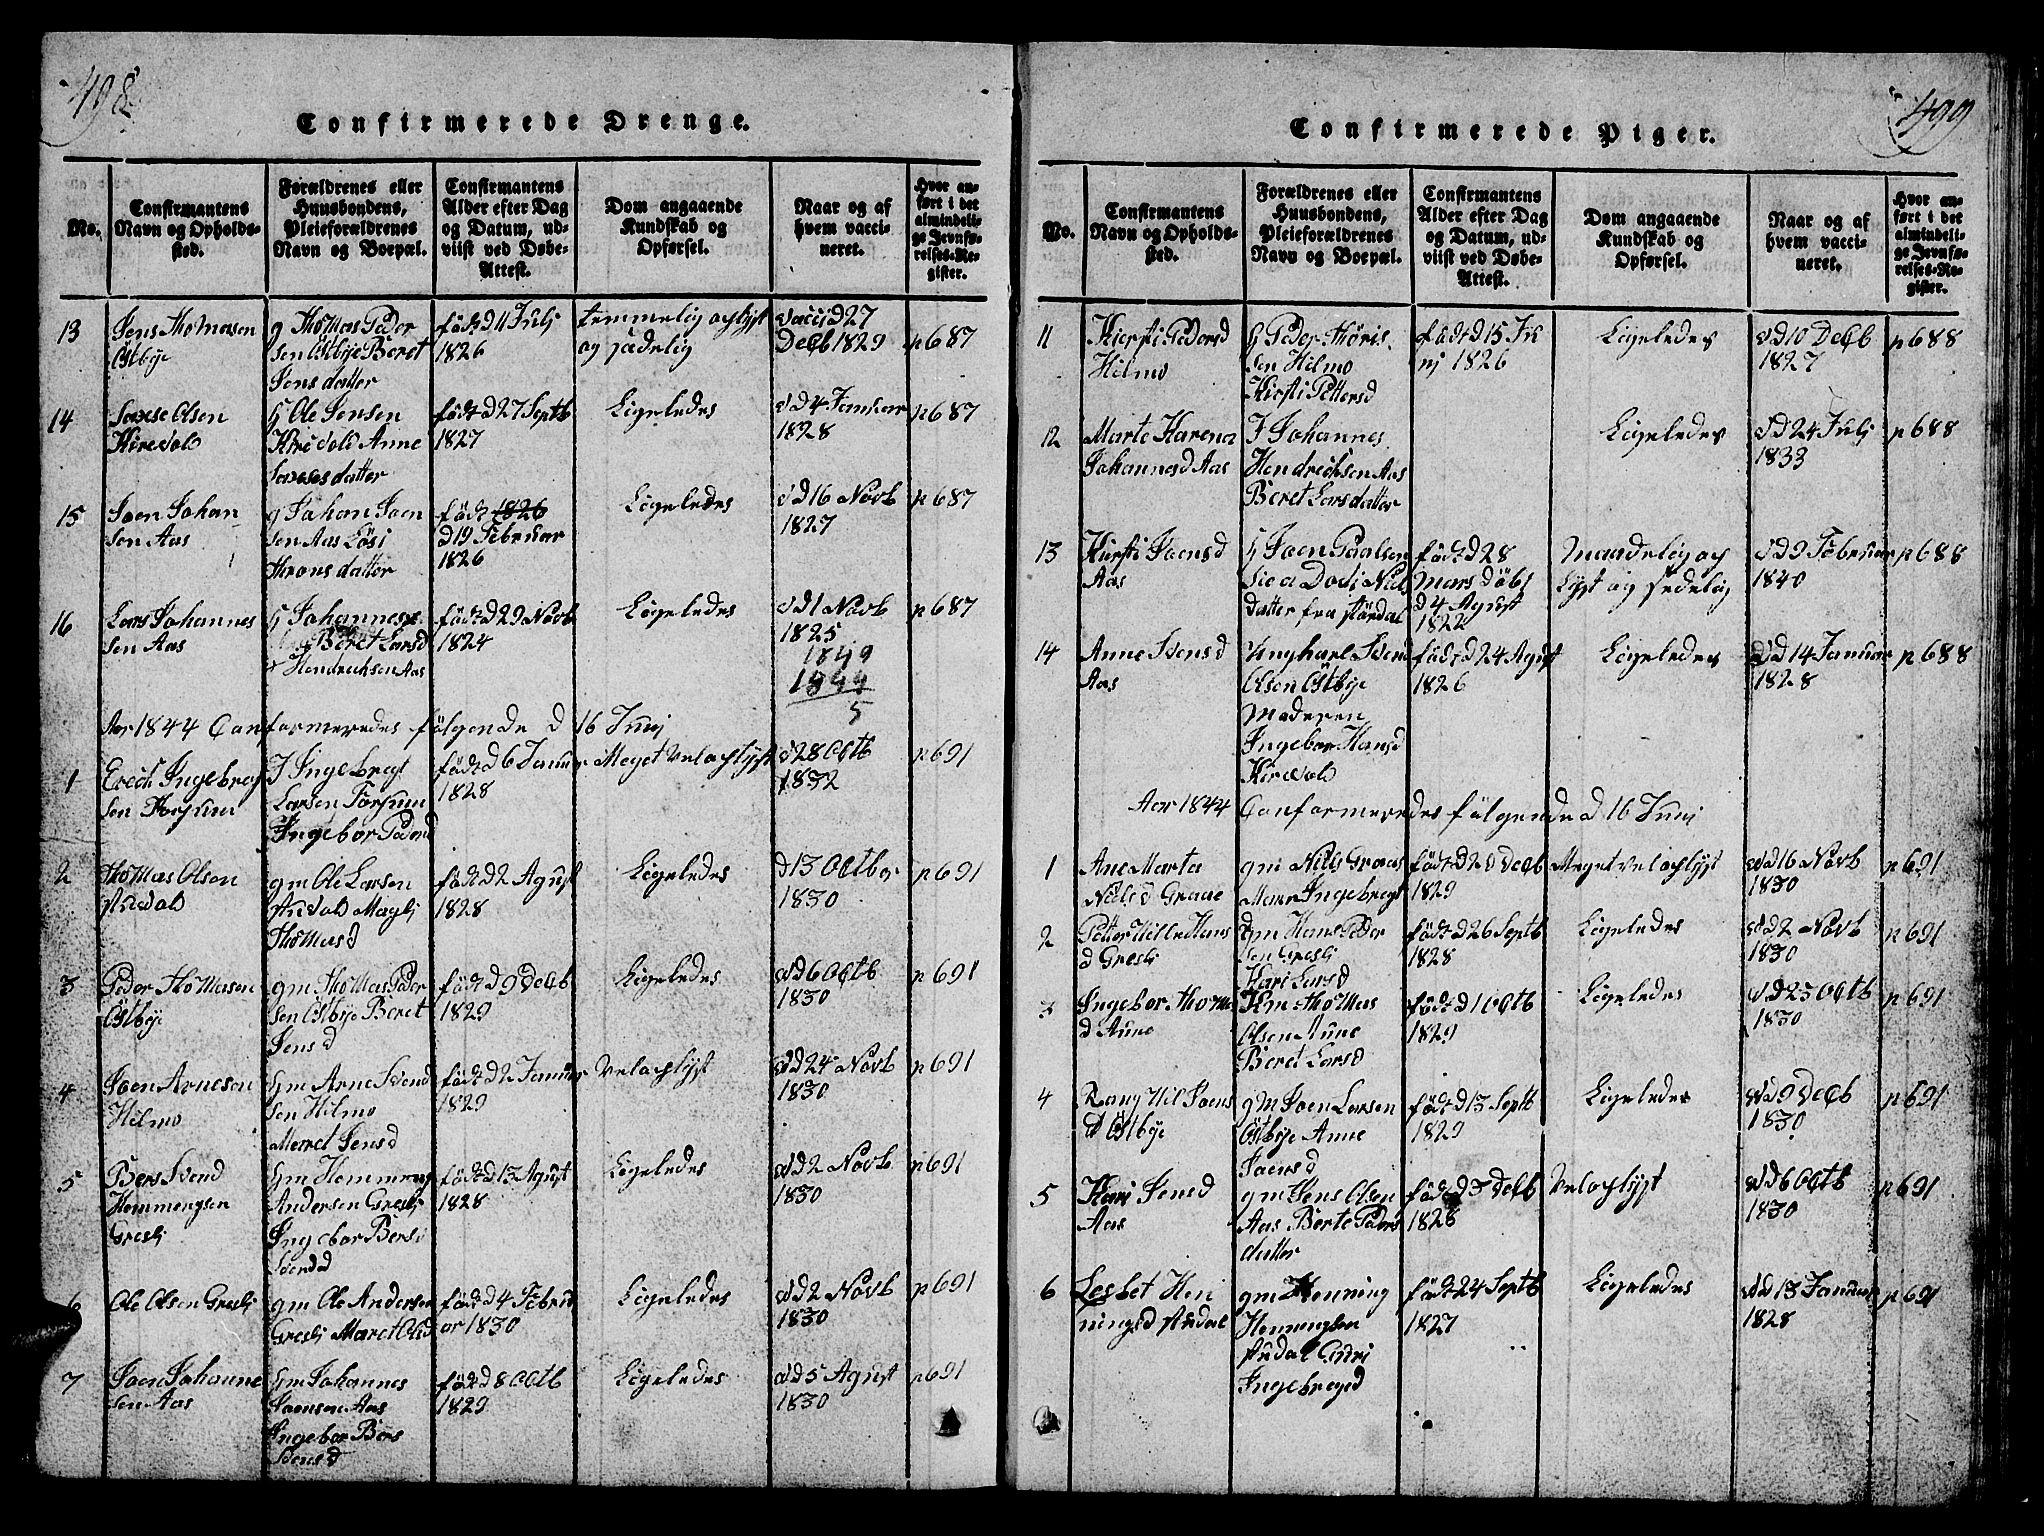 SAT, Ministerialprotokoller, klokkerbøker og fødselsregistre - Sør-Trøndelag, 698/L1164: Klokkerbok nr. 698C01, 1816-1861, s. 498-499